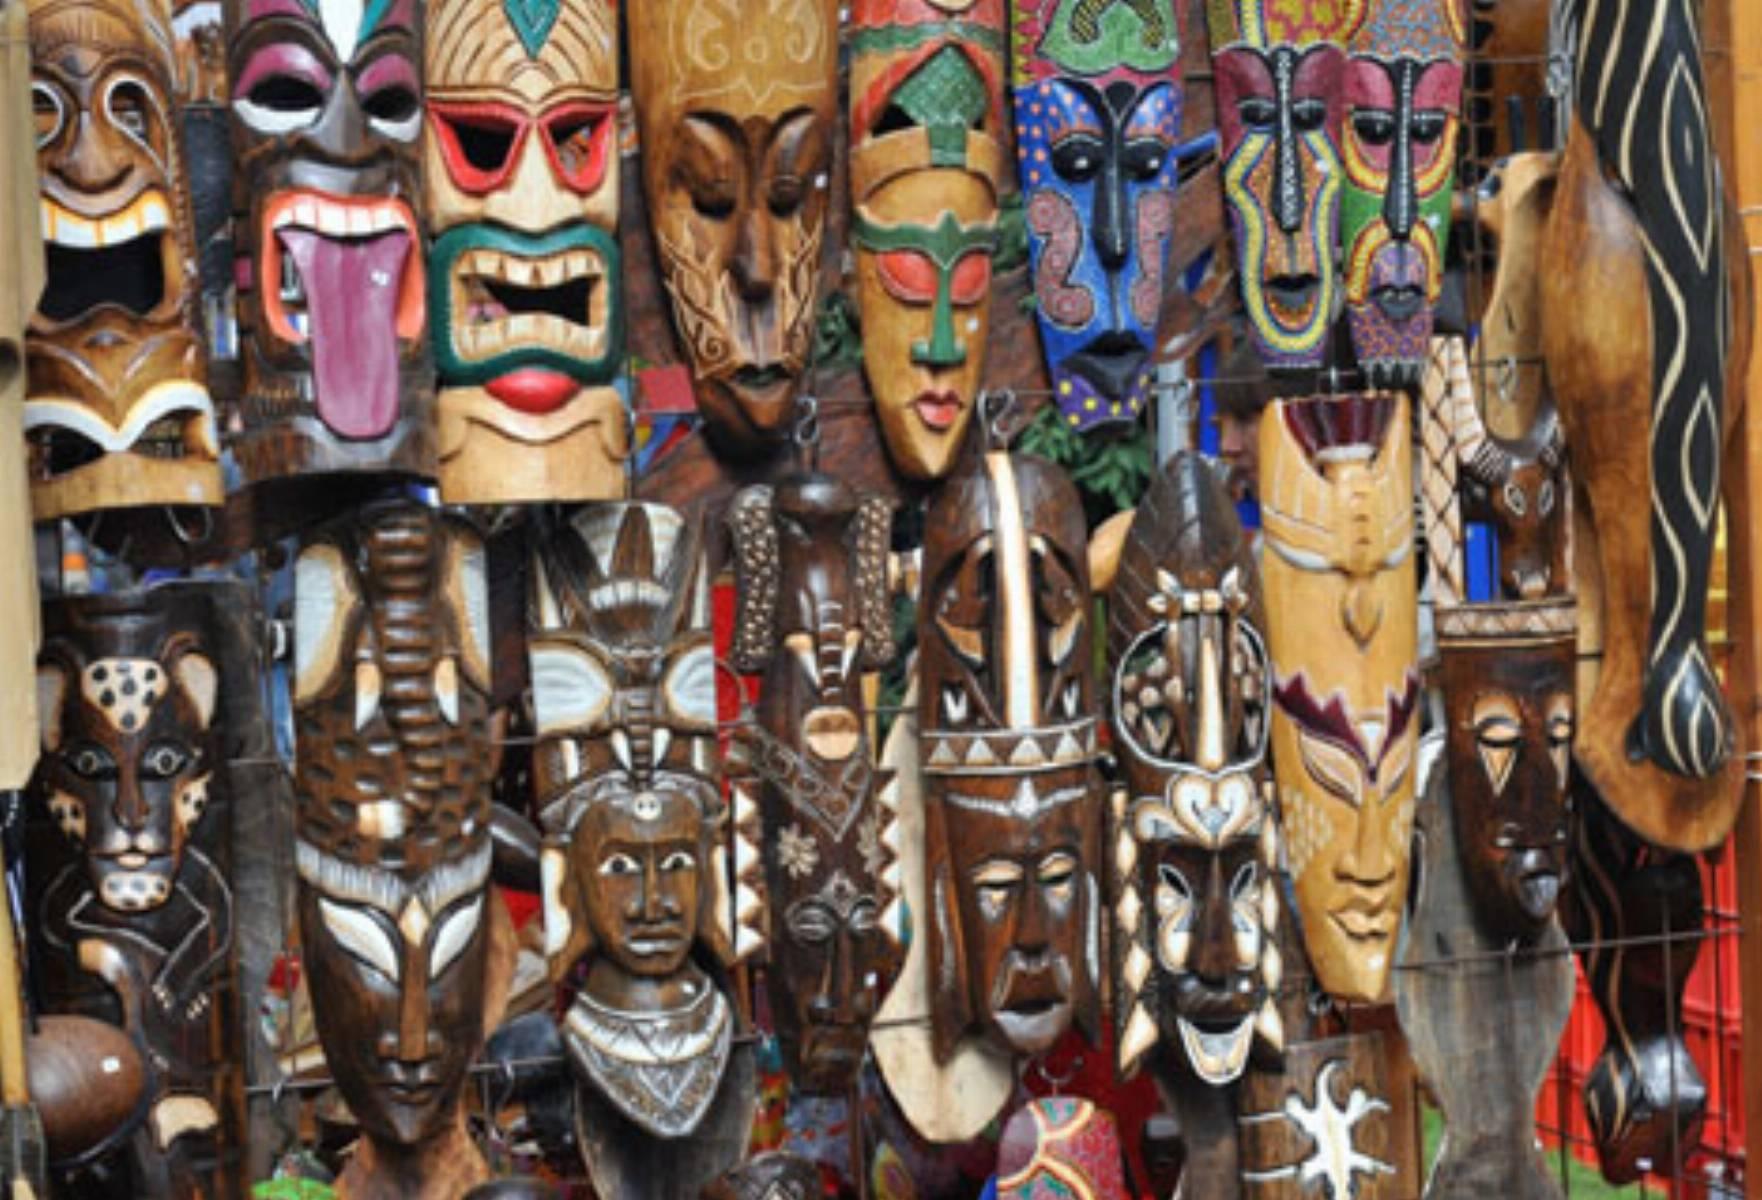 afrykańskie połączenie tkaniny spotyka się z filipińskim facetem z Ameryki